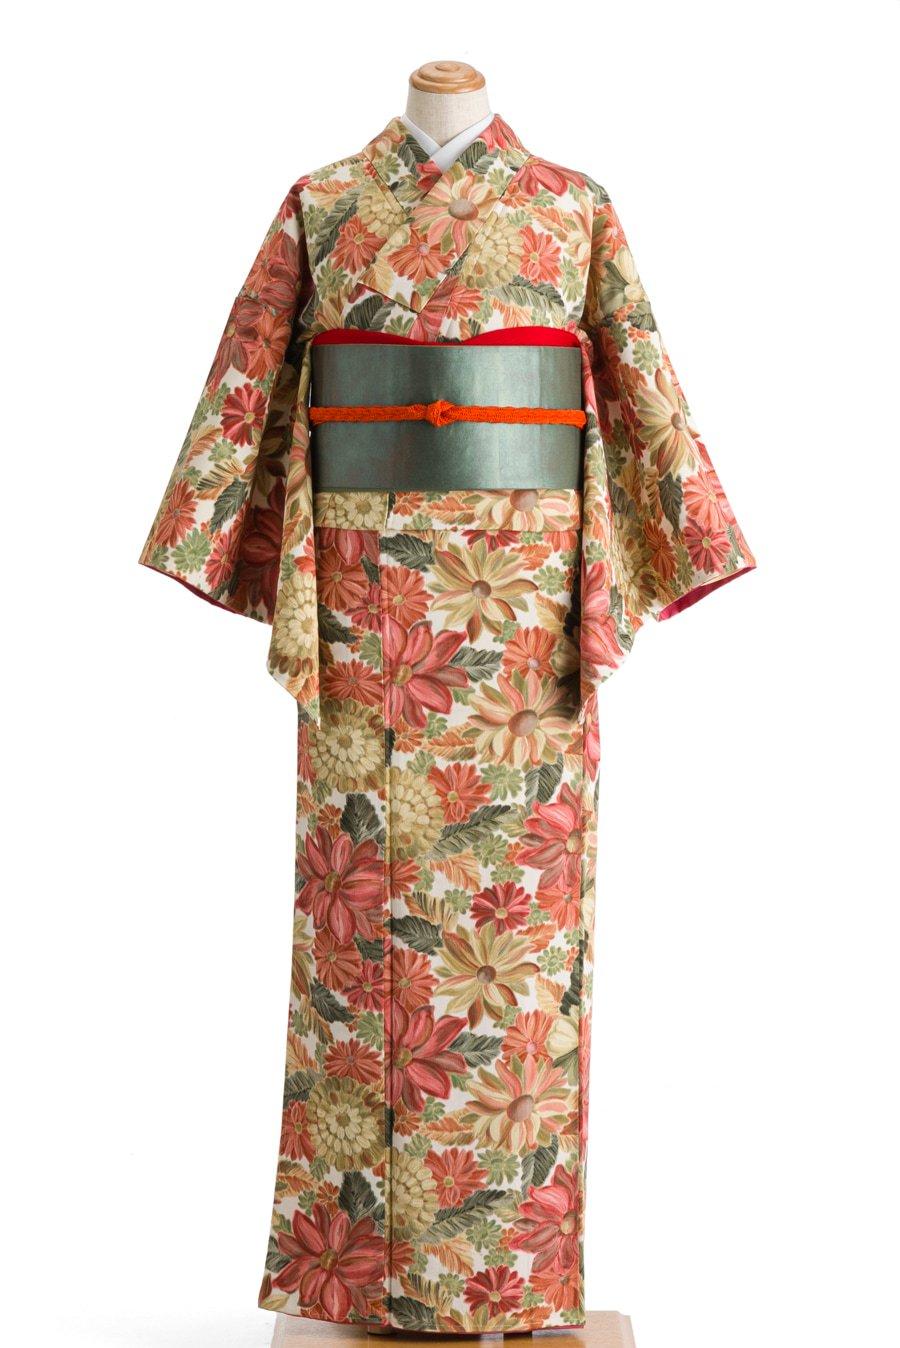 「油彩風の菊」の商品画像